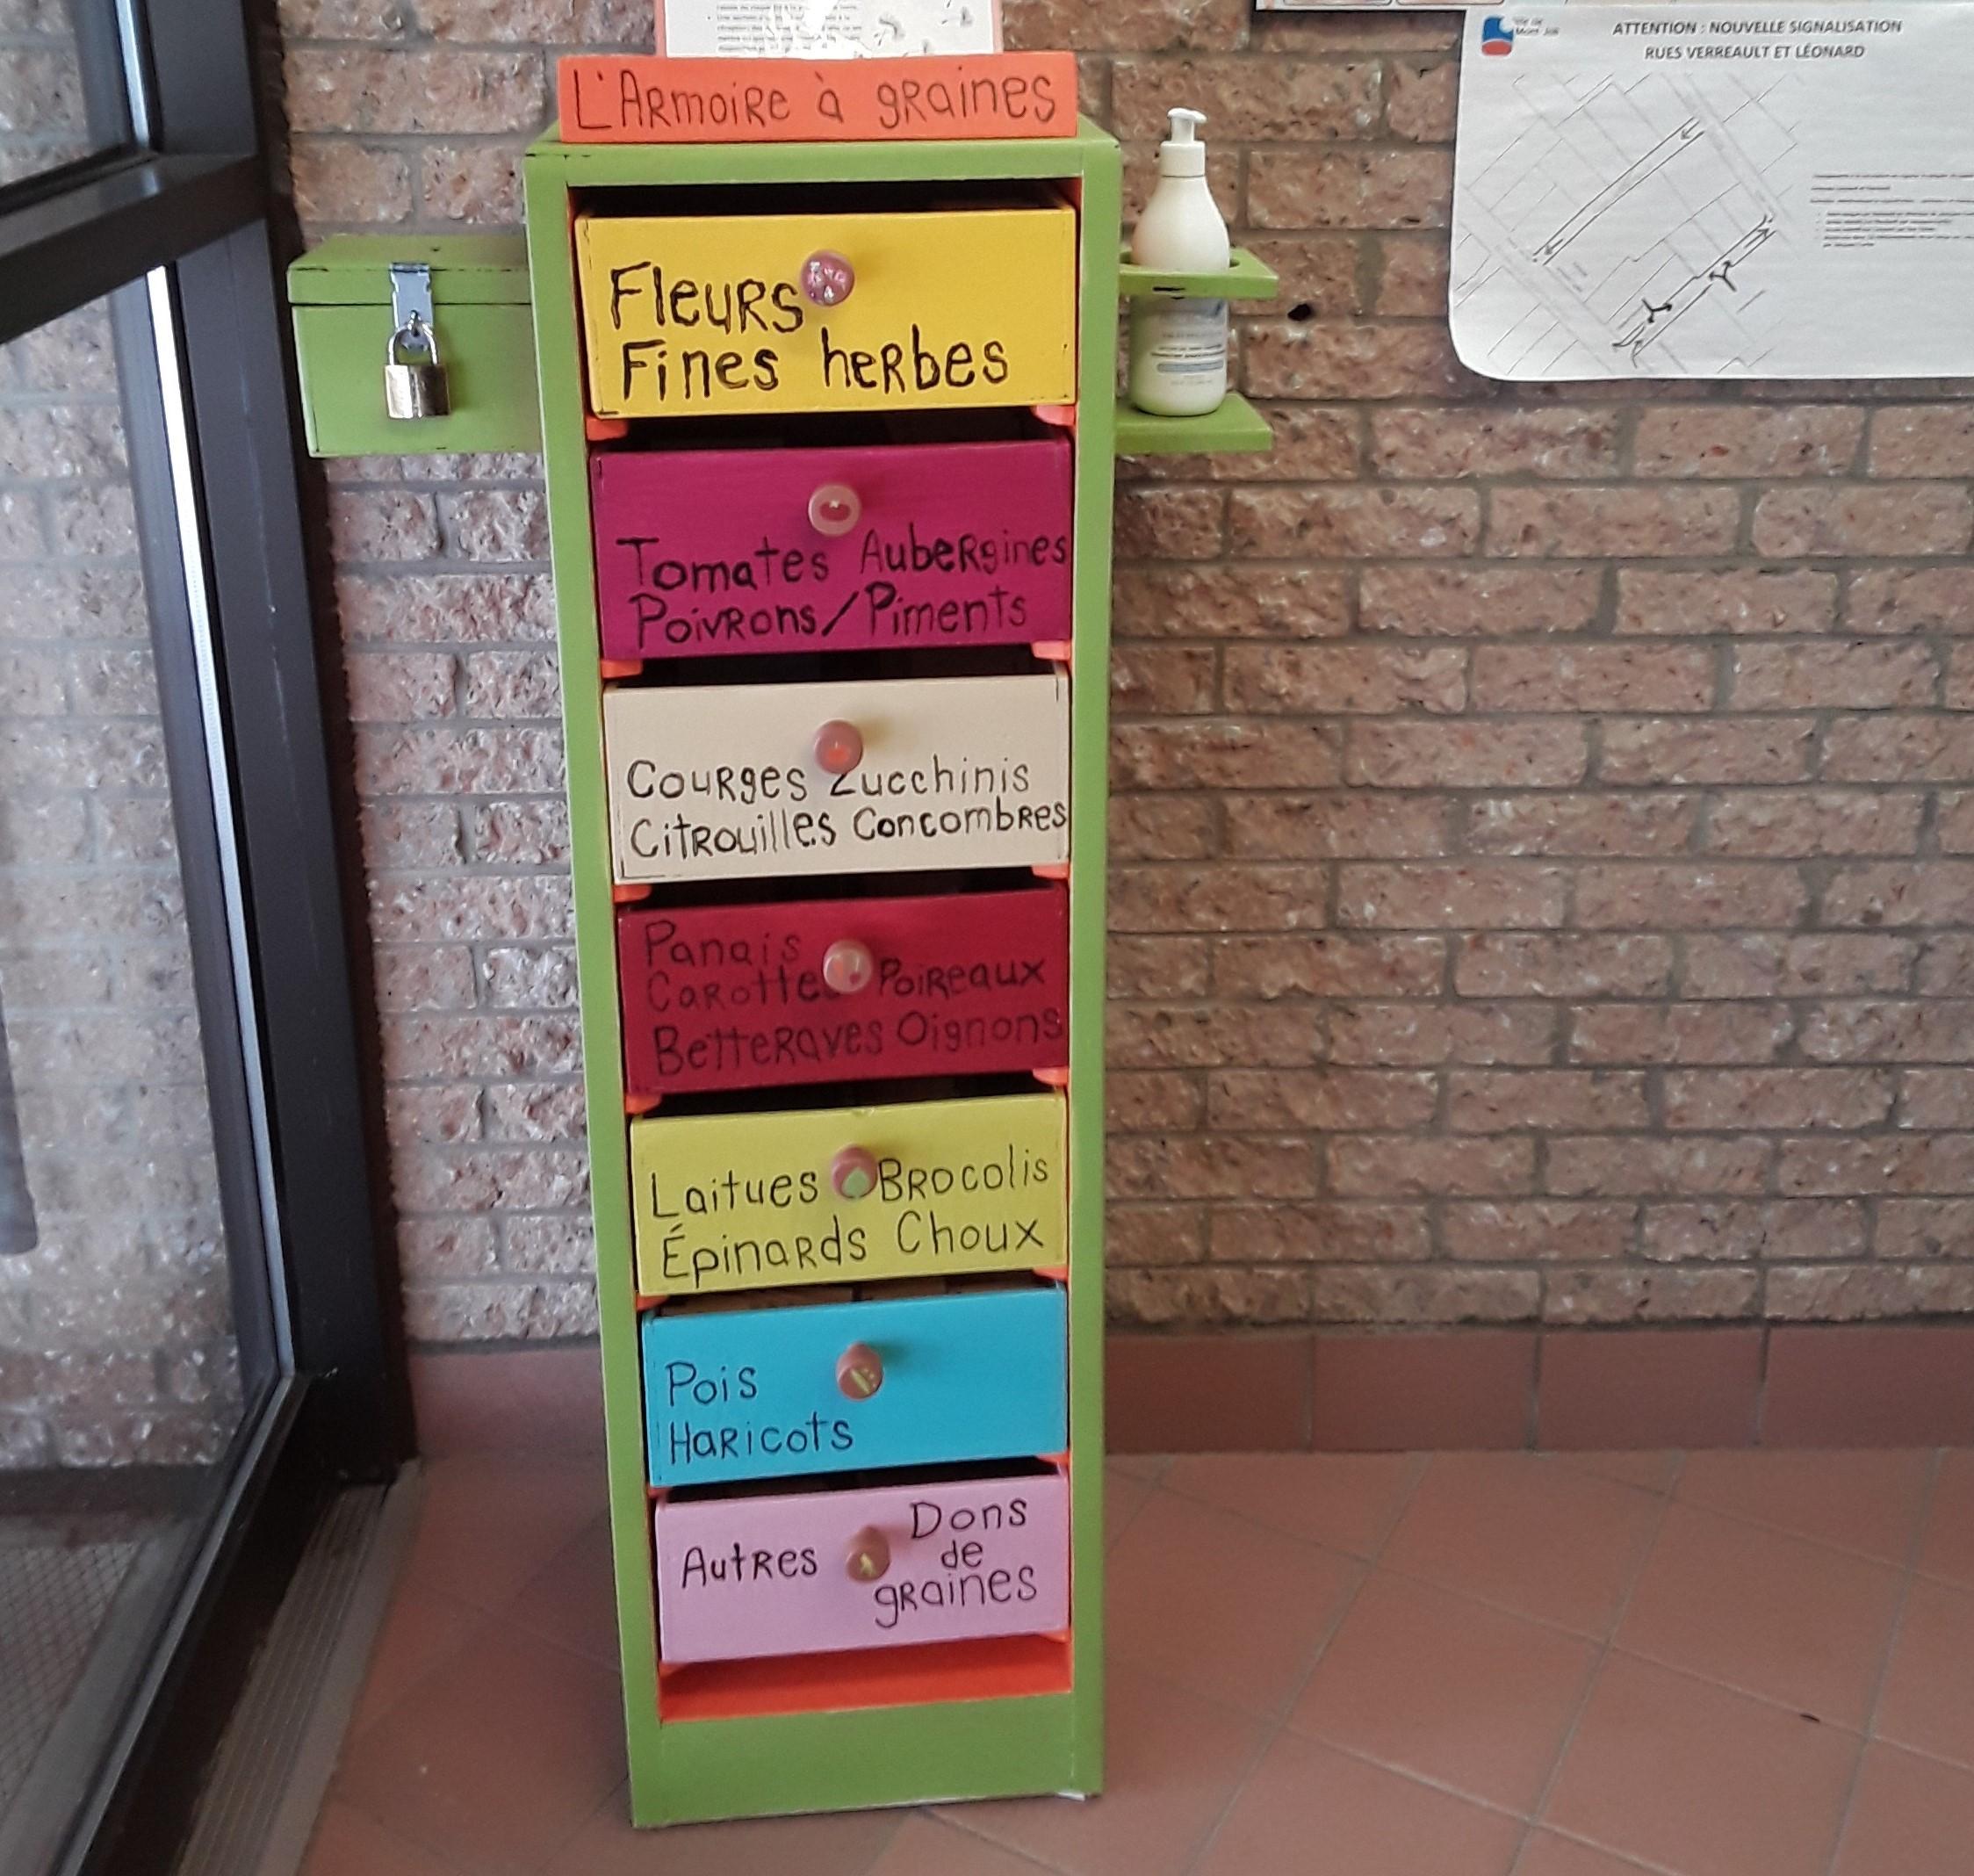 Une armoire à graines vient d'être installée dans l'entrée de la bibliothèque de Mont-Joli.